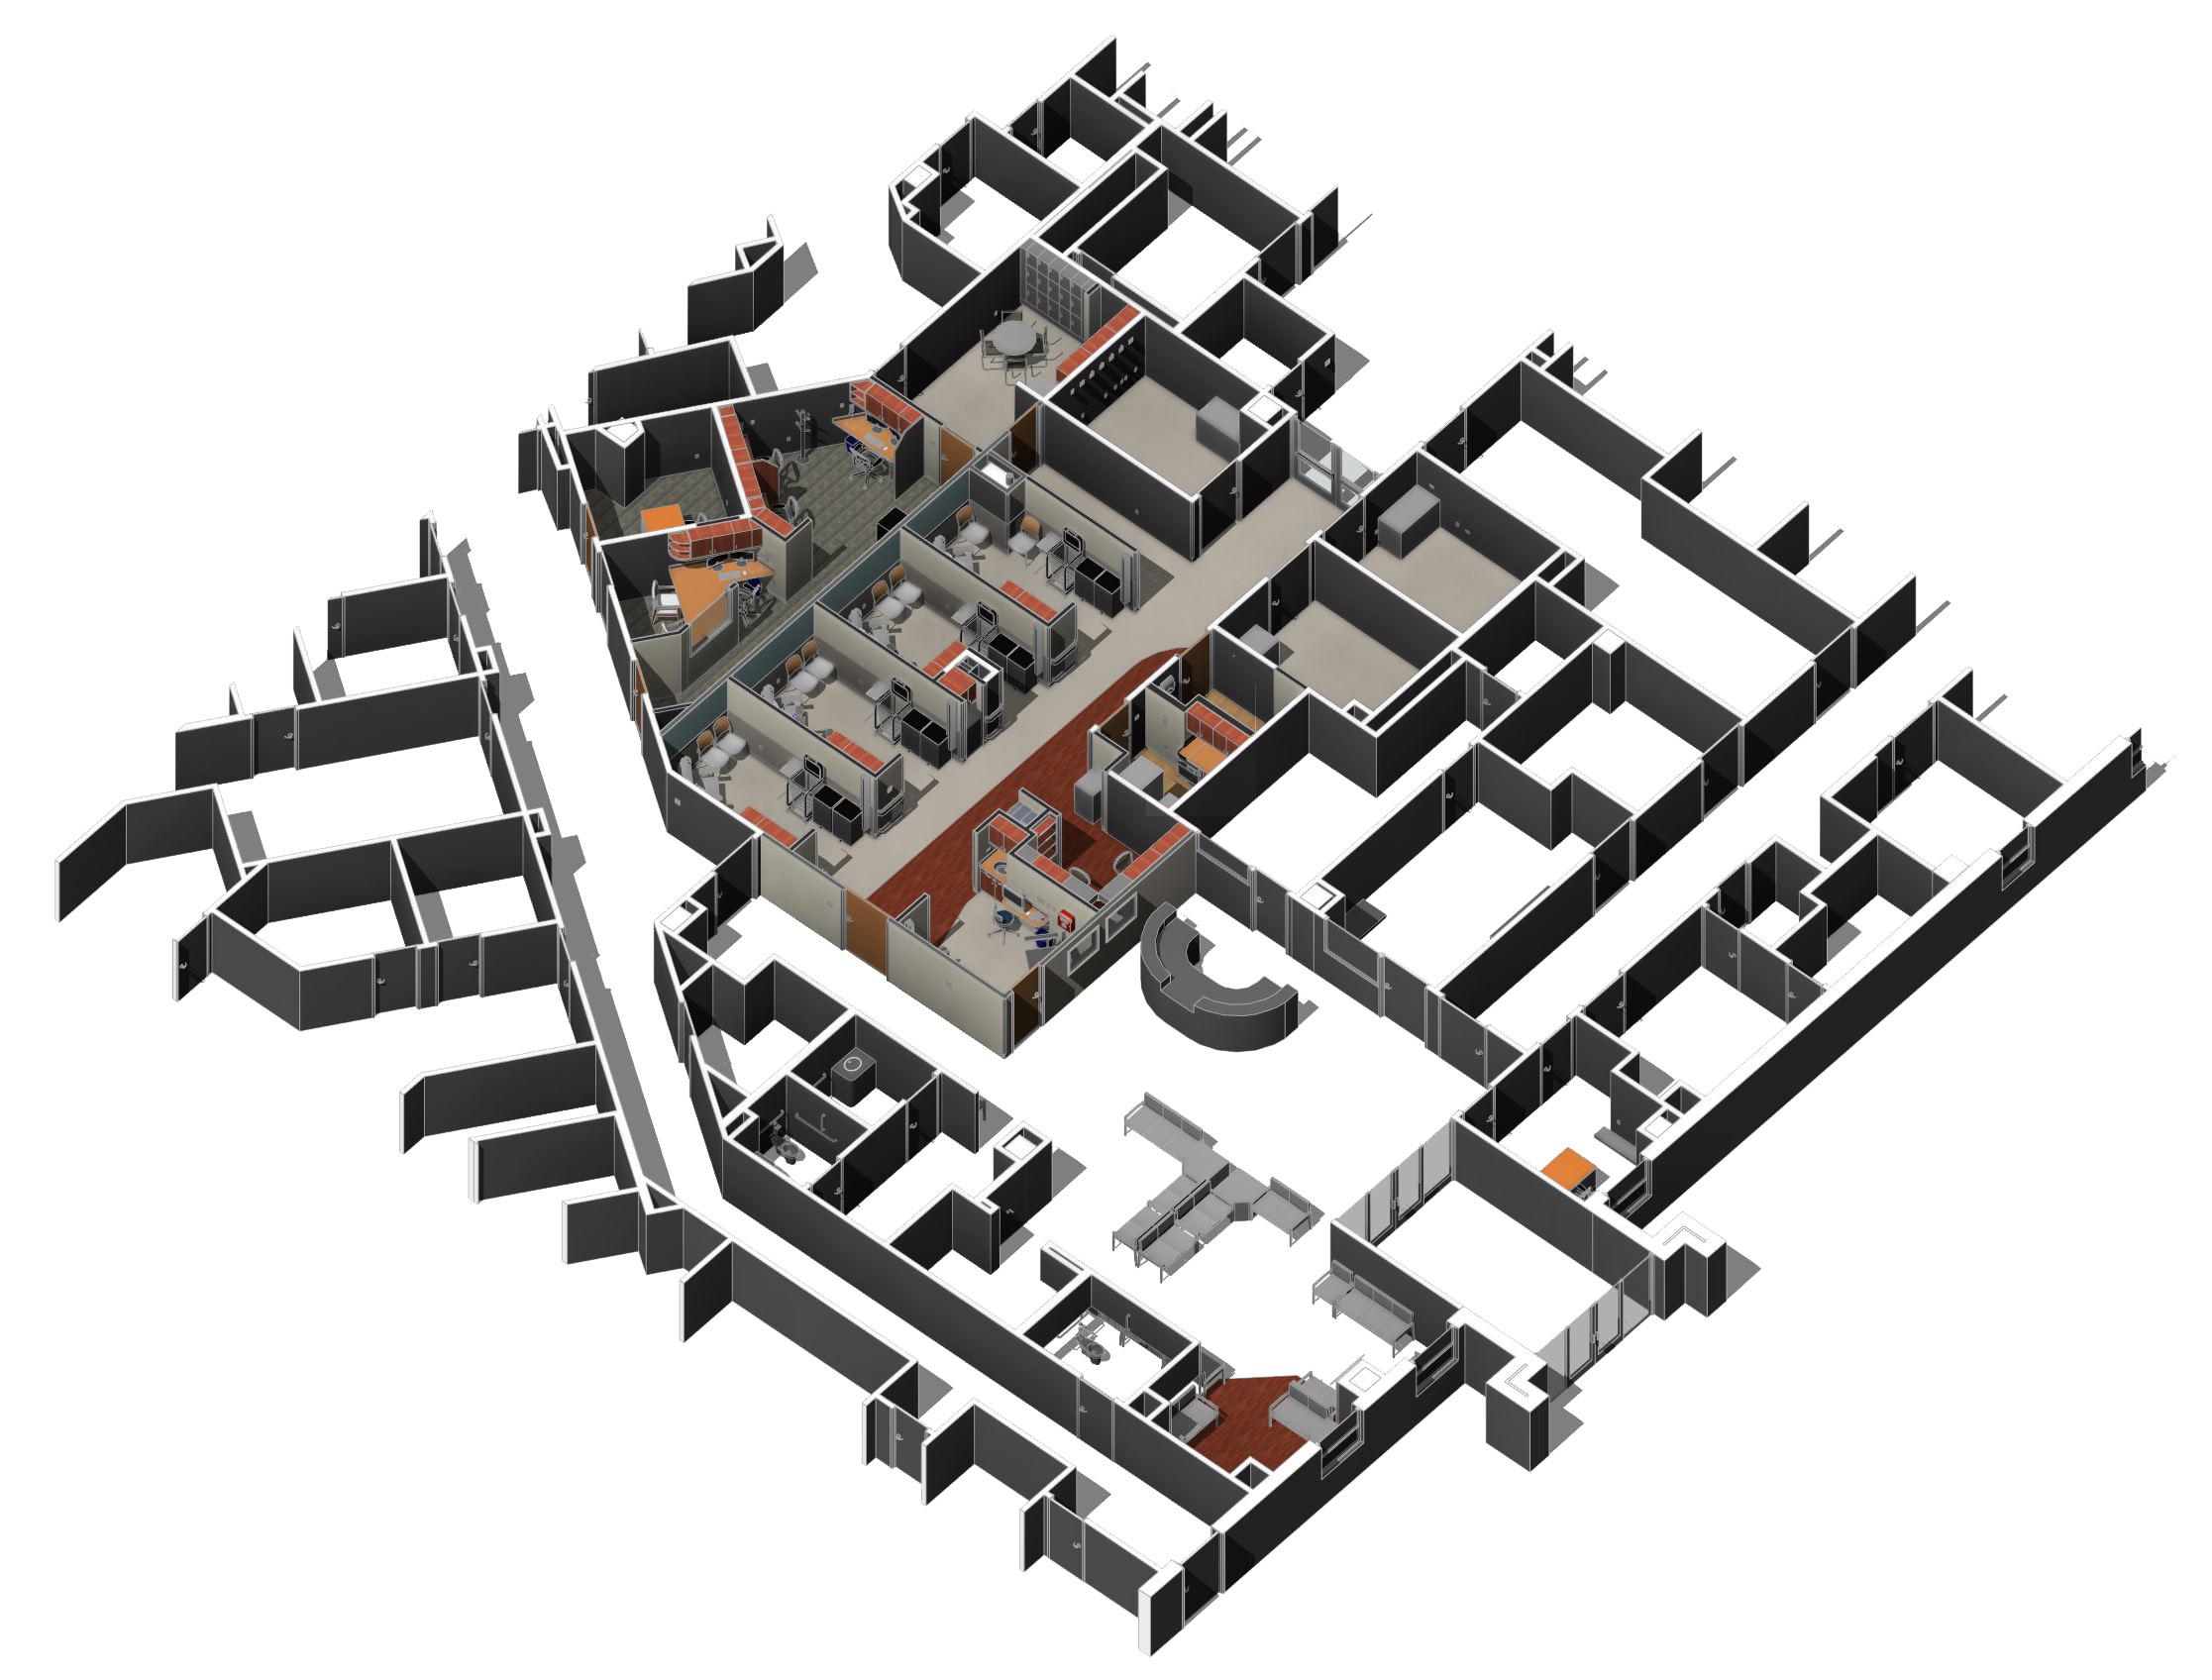 3D Floor Plan - Revised 16 MAY 18.jpg